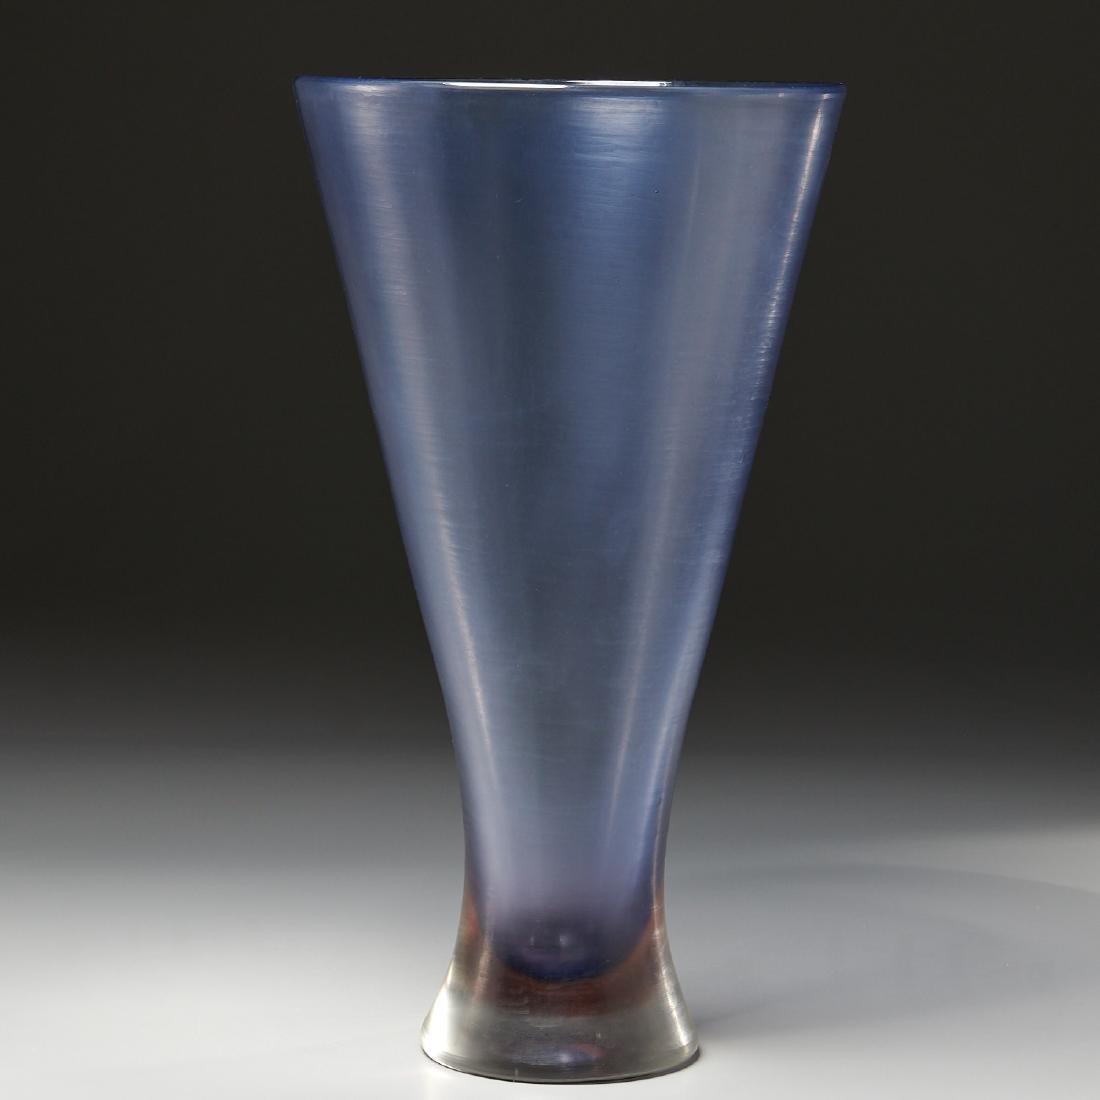 Paolo Venini monumental Inciso vase